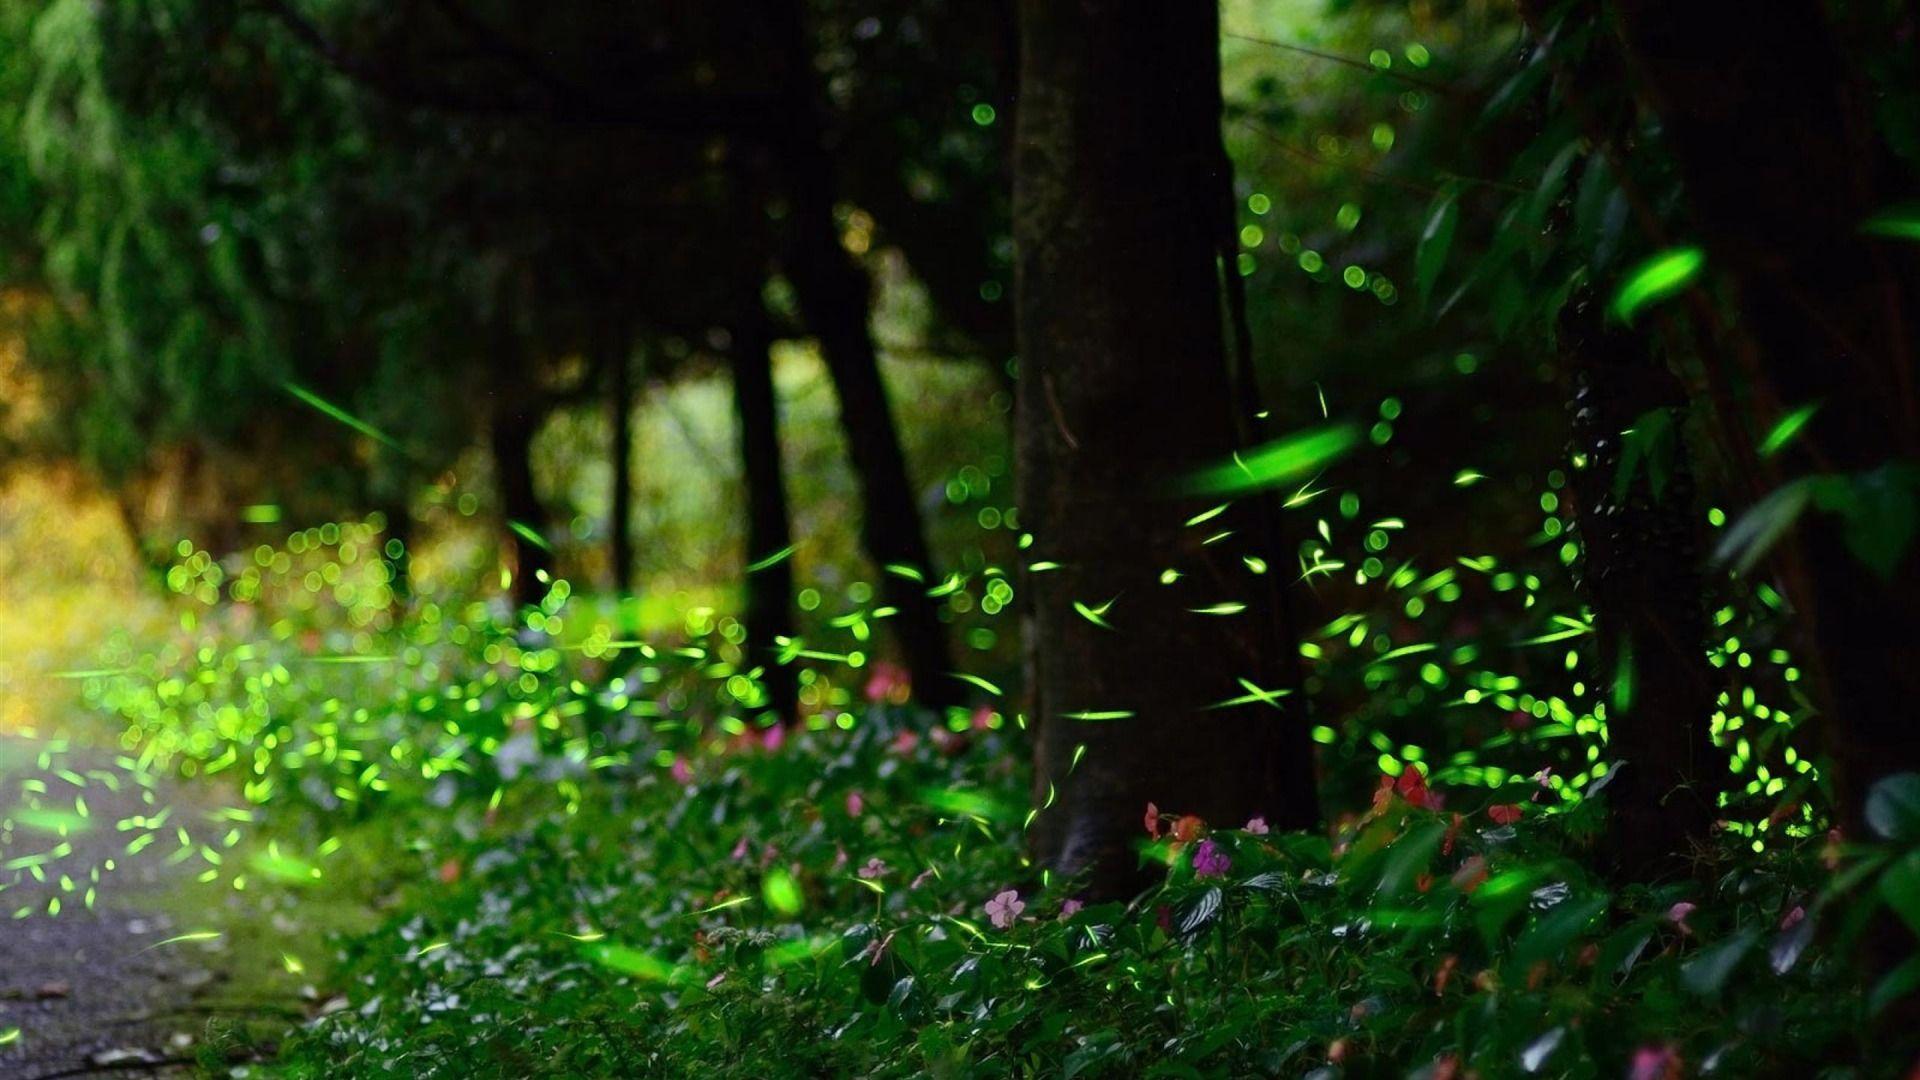 Firefly HD Wallpaper